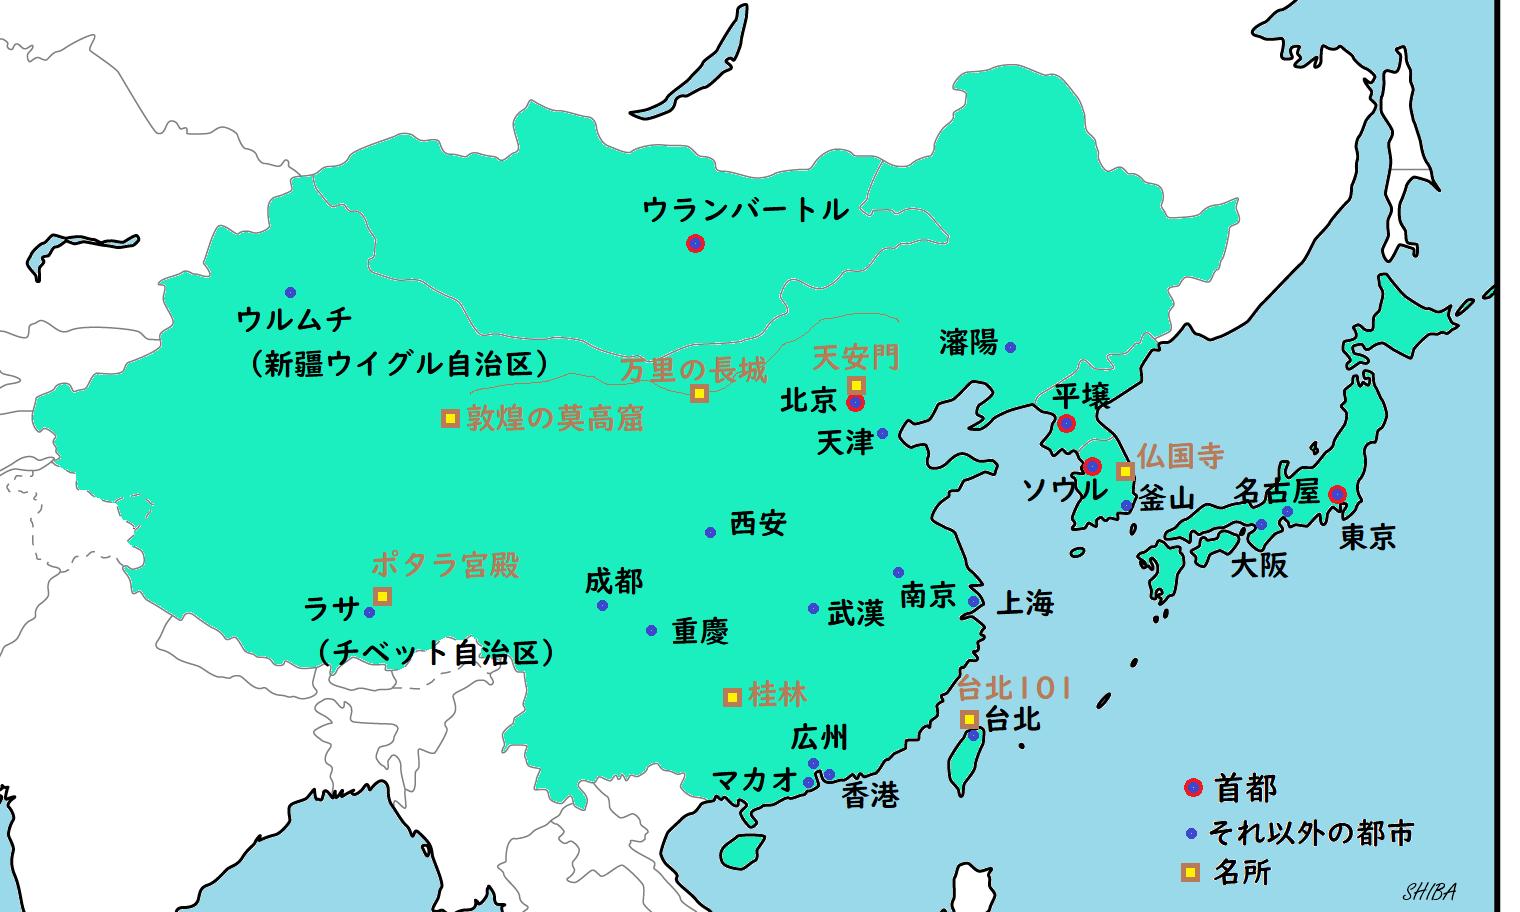 東アジアの都市・名所